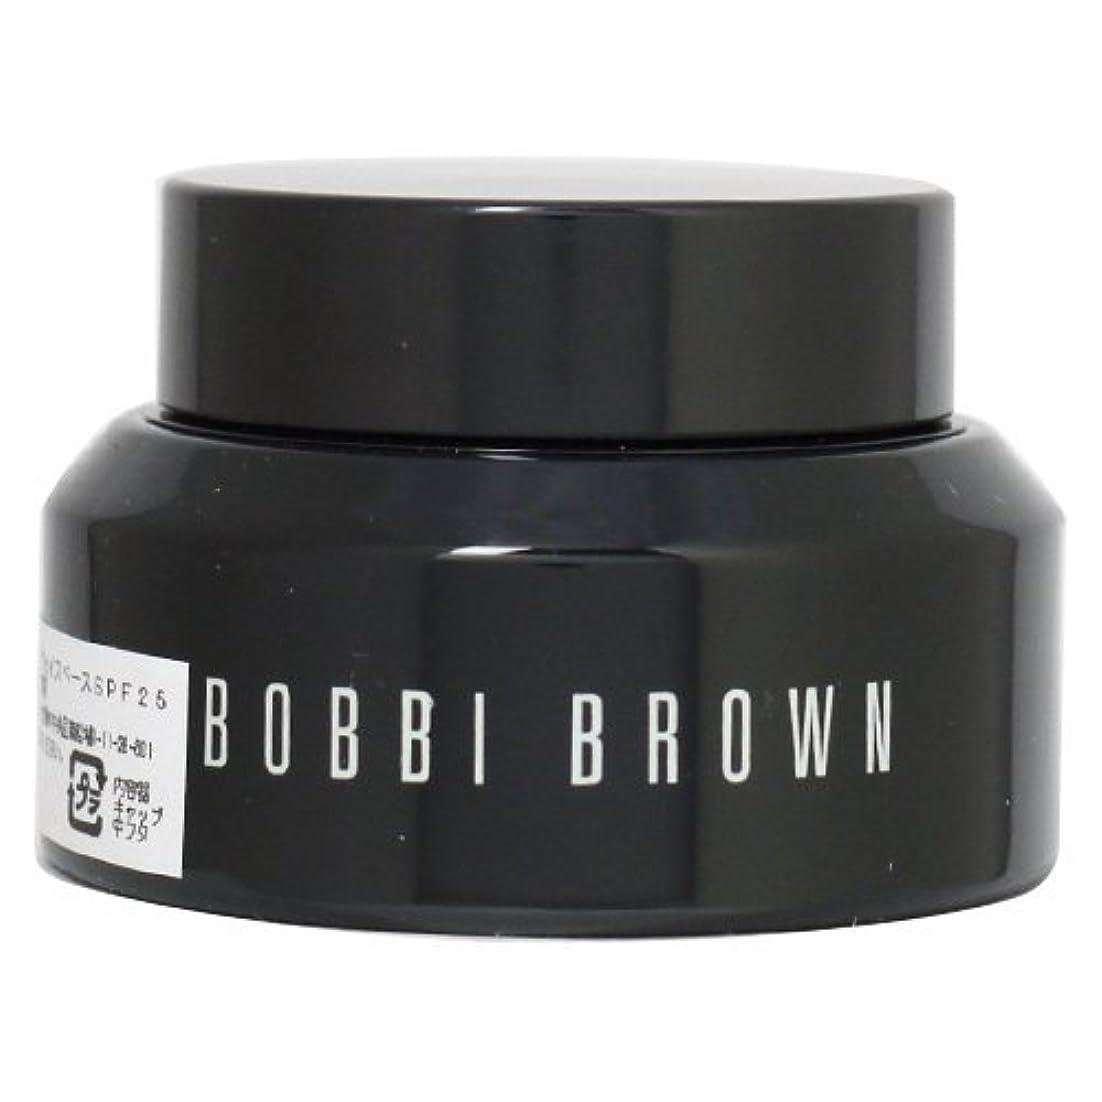 慢な非アクティブ家禽ボビーブラウン(BOBBI BROWN) イルミネイティング フェイスベース 30ml[並行輸入品]